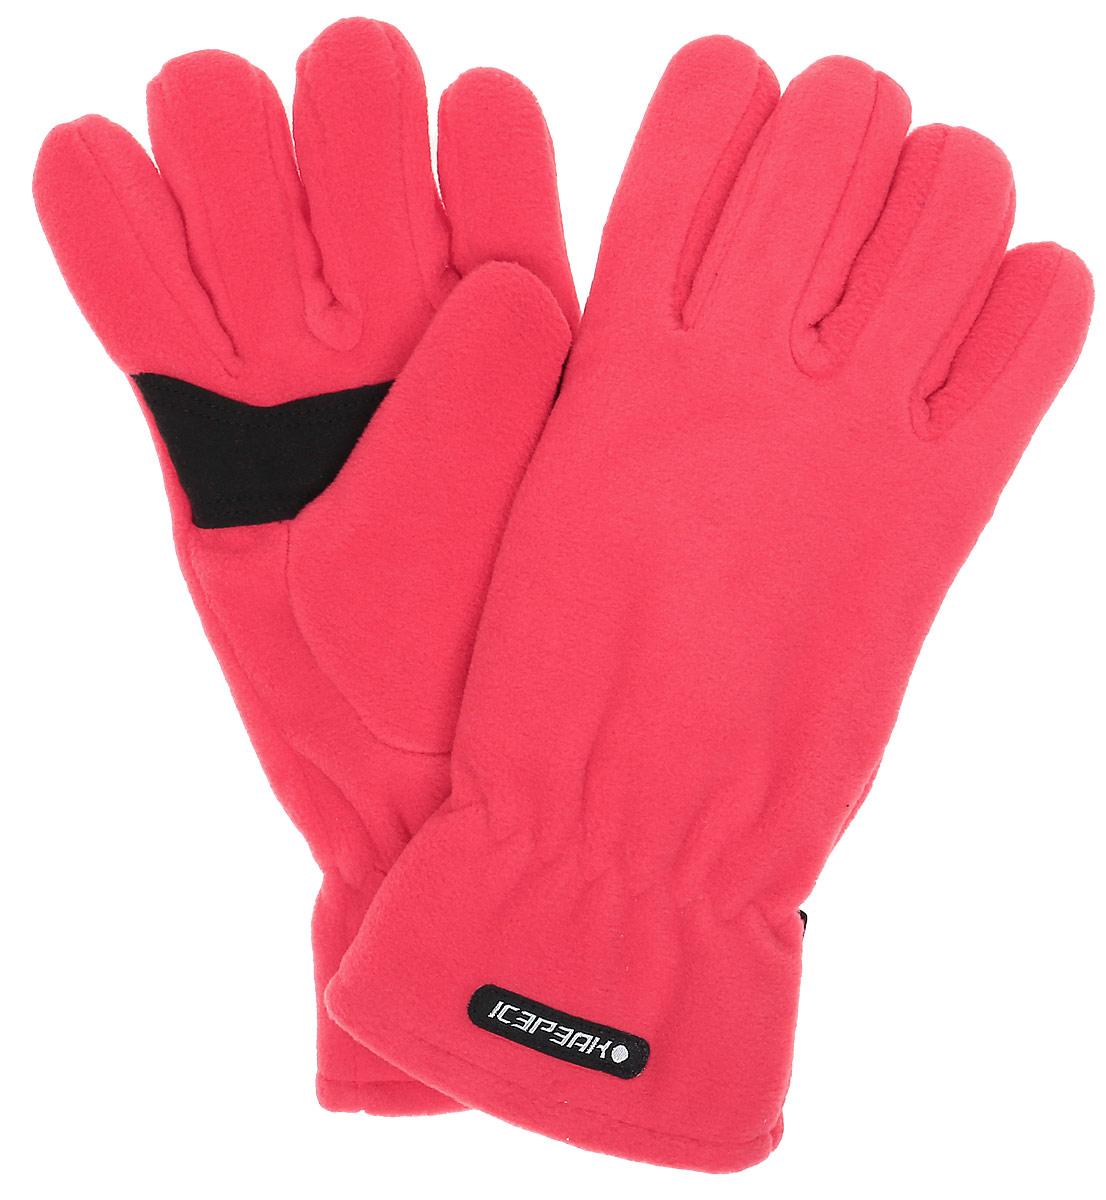 Перчатки женские Icepeak, цвет: красный. 855851540IV-660. Размер S (6/6,5)855851540IV-660